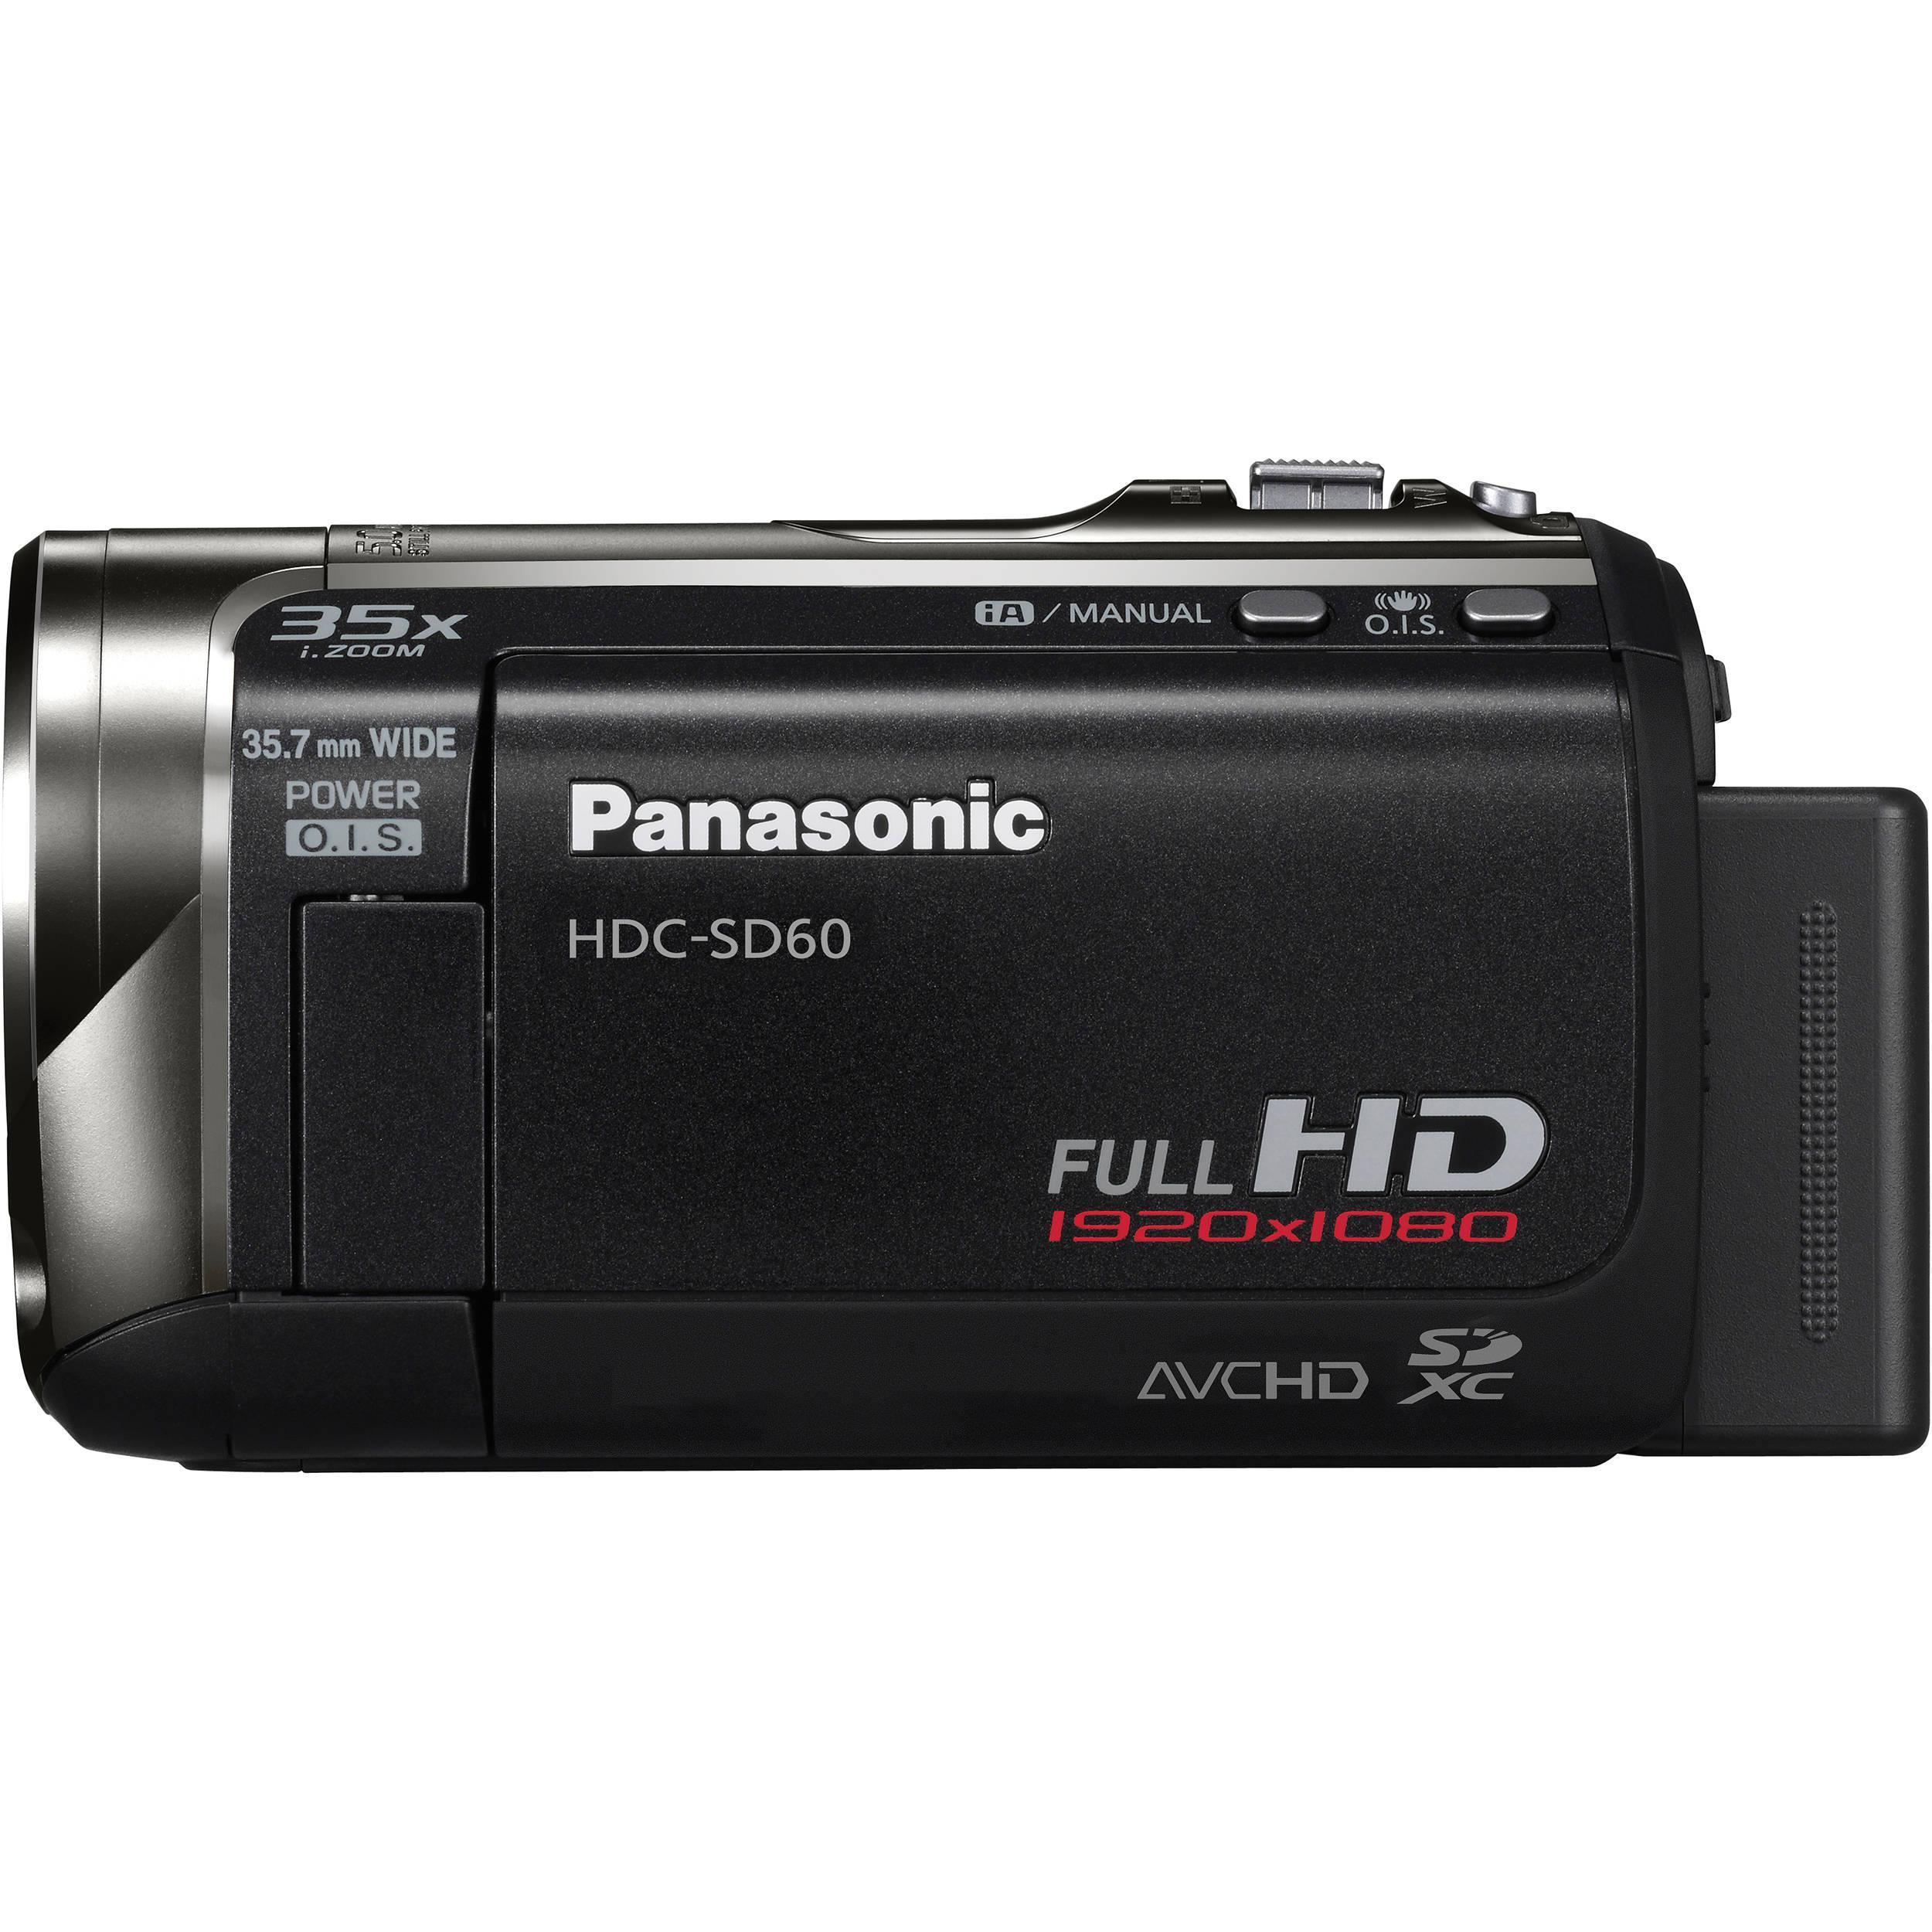 Caméra Panasonic HDC-SD60 USB - Noir